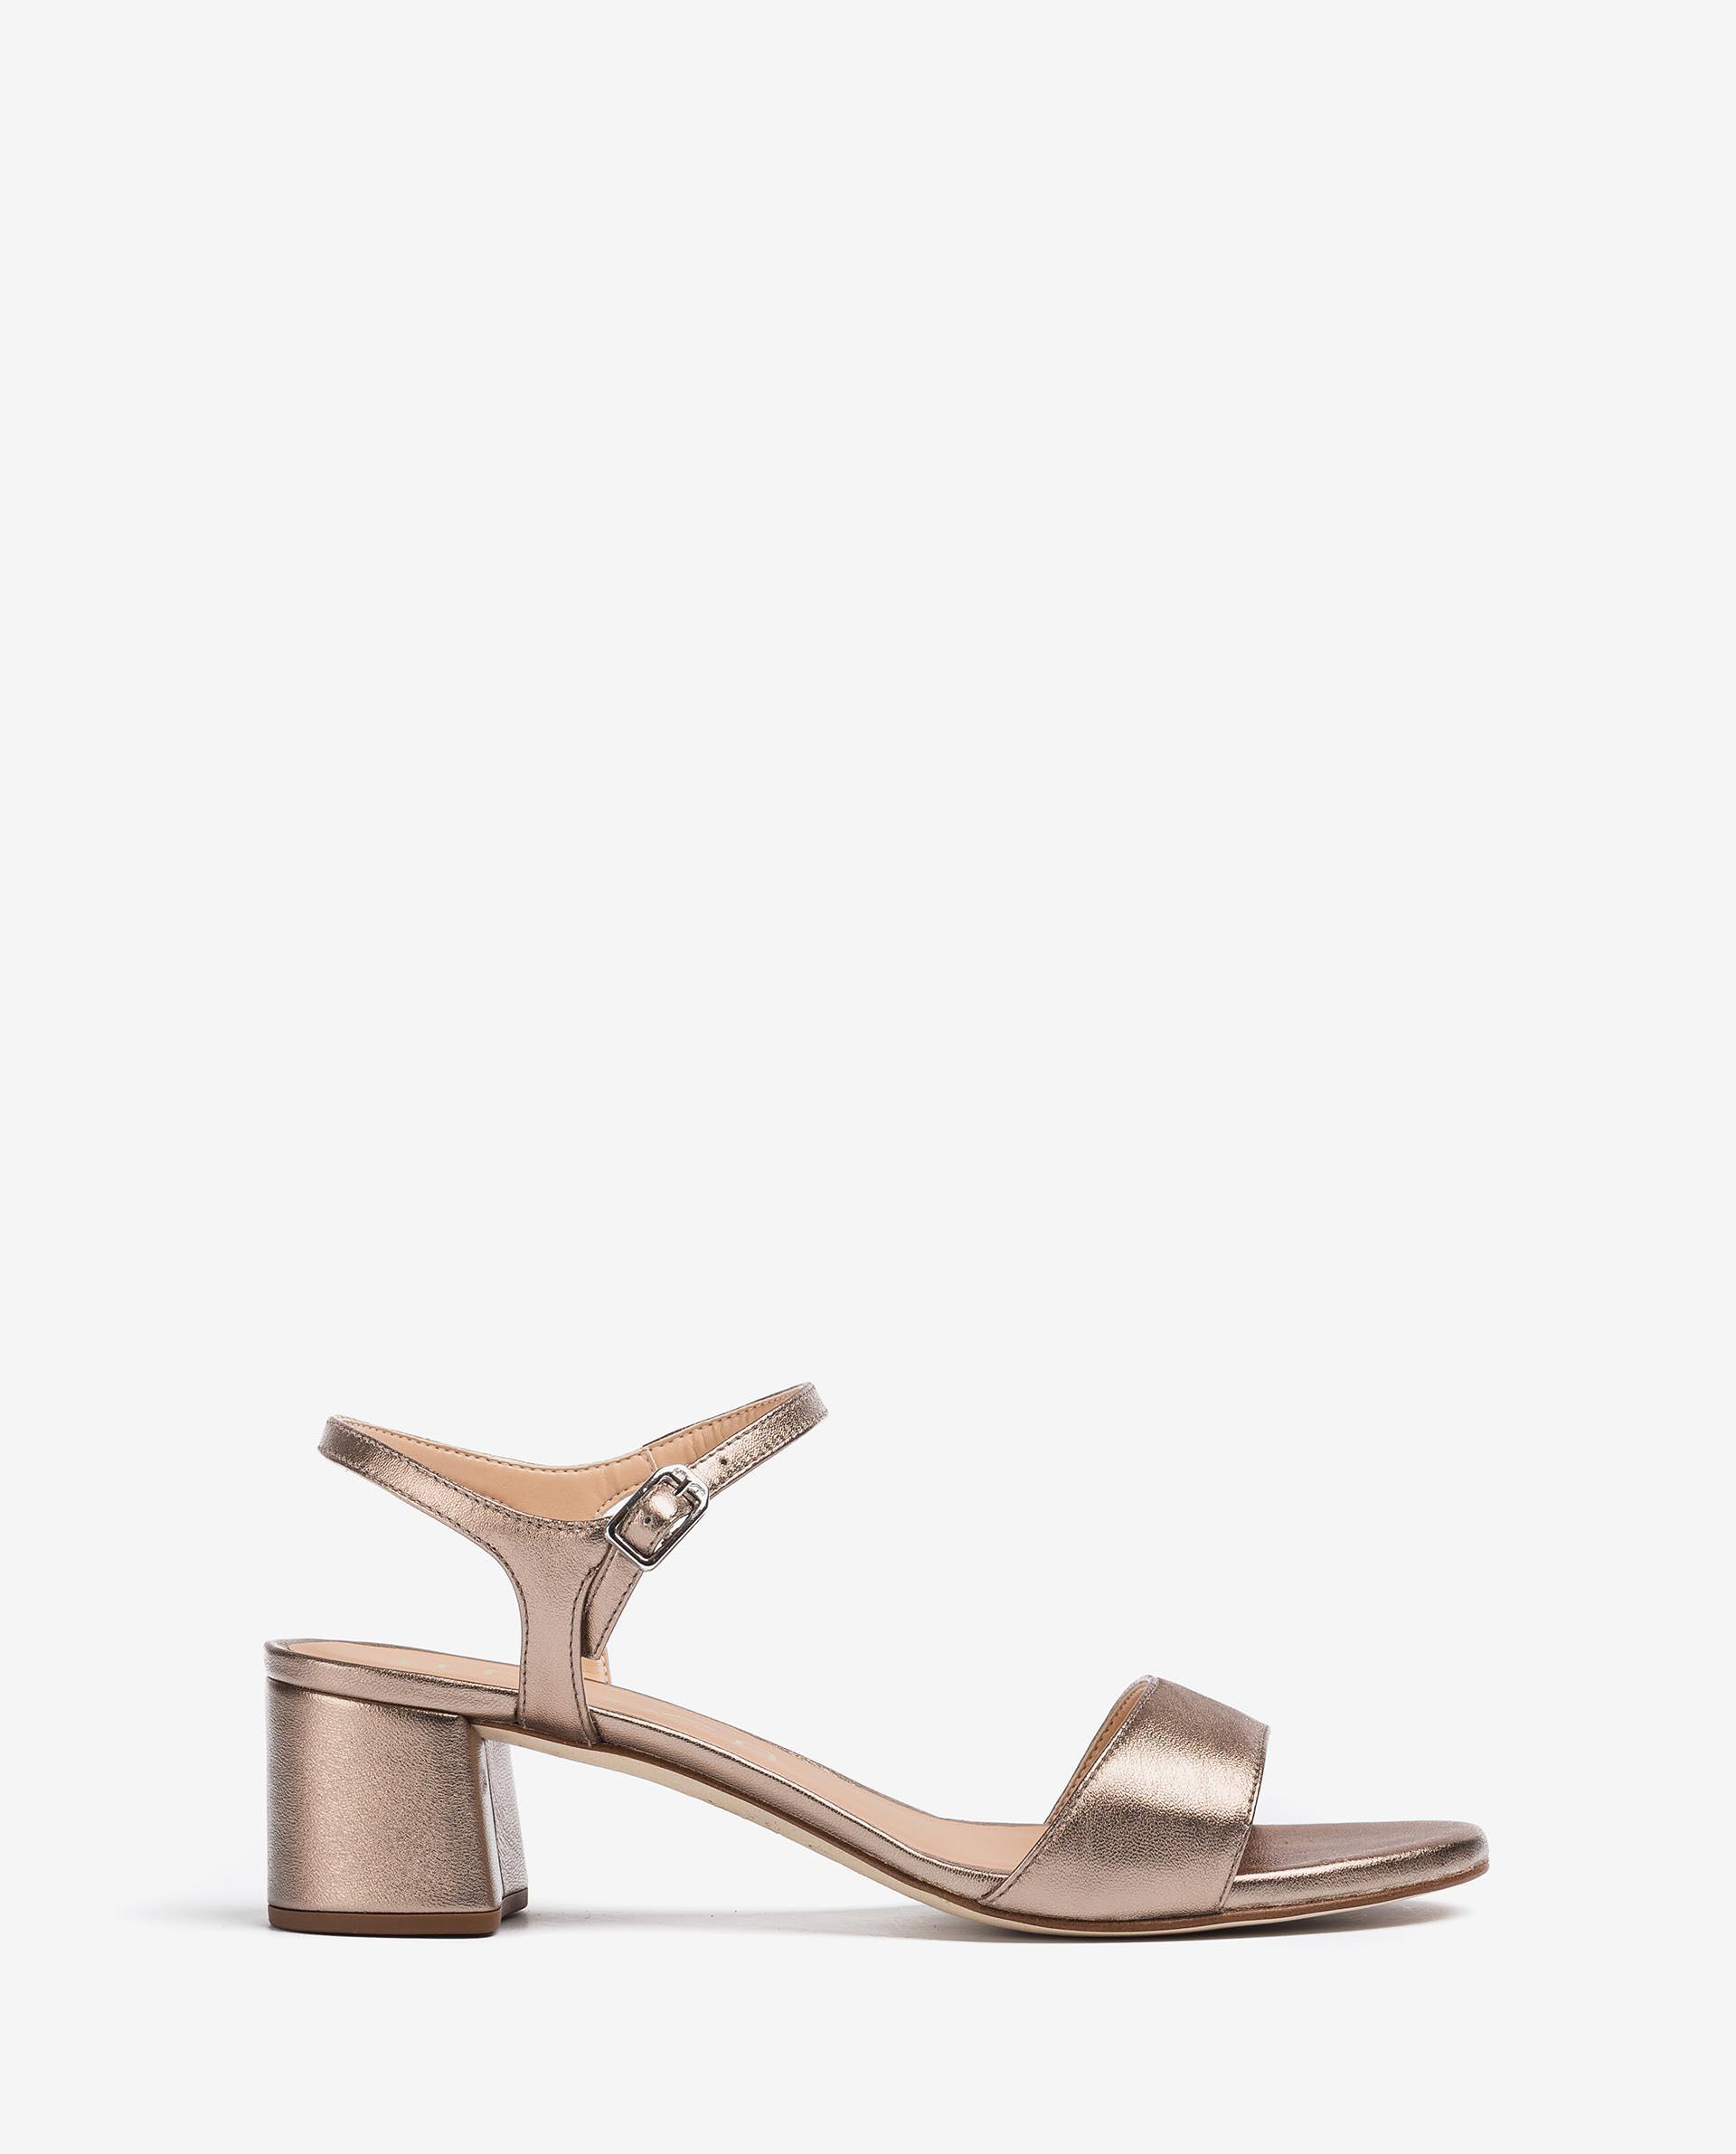 UNISA Sandalen aus Leder in Metallic-Optik mit breitem Absatz GENTO_21_LMT 5